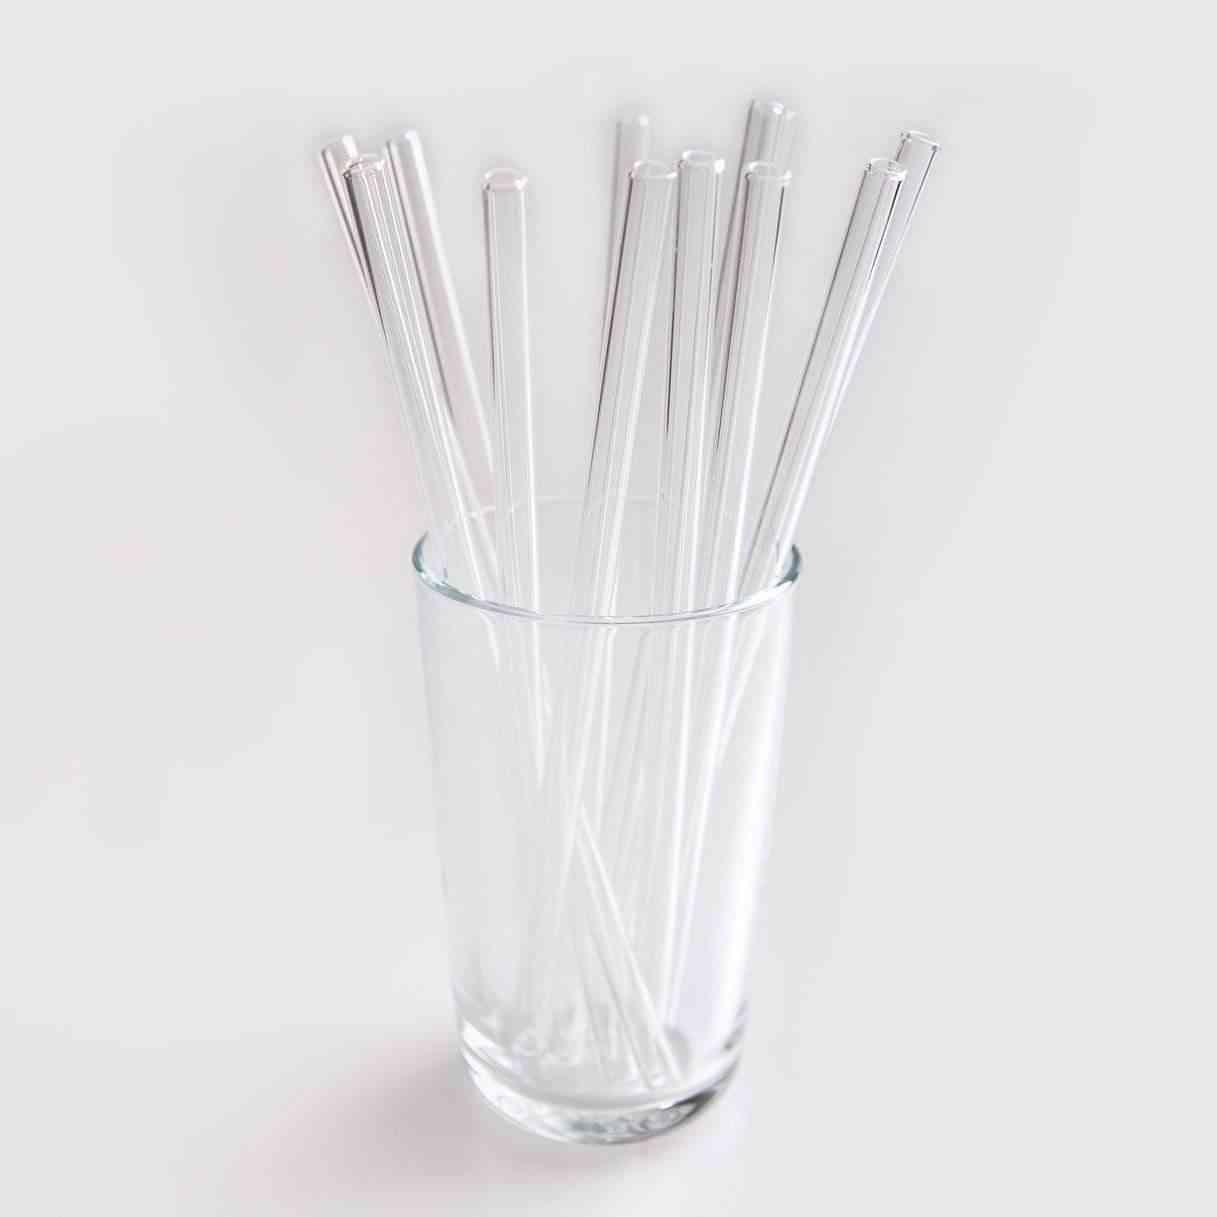 Glass Eco Friendly Straw